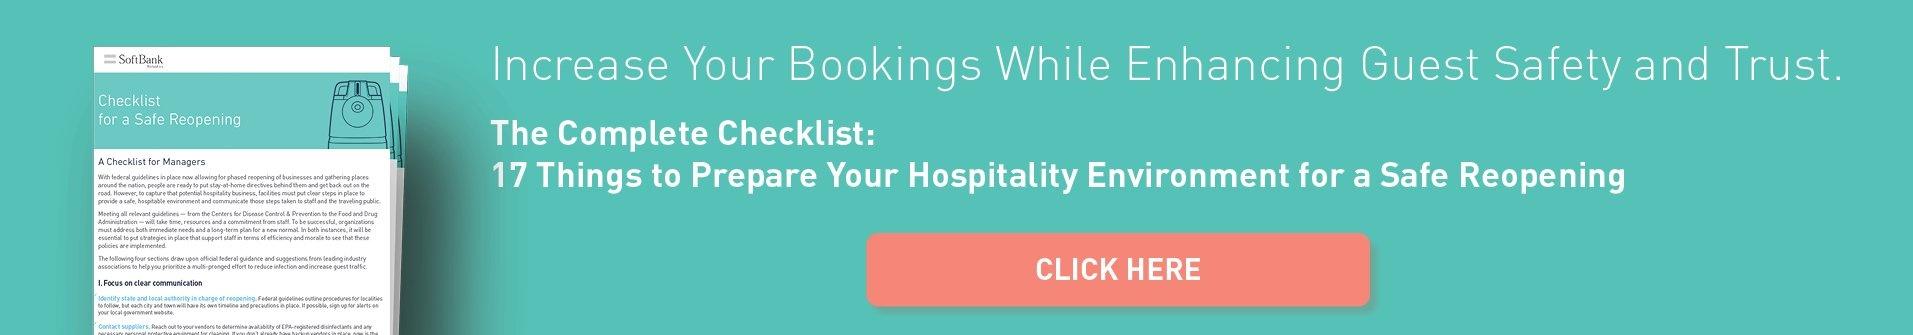 Hospitality Checklist